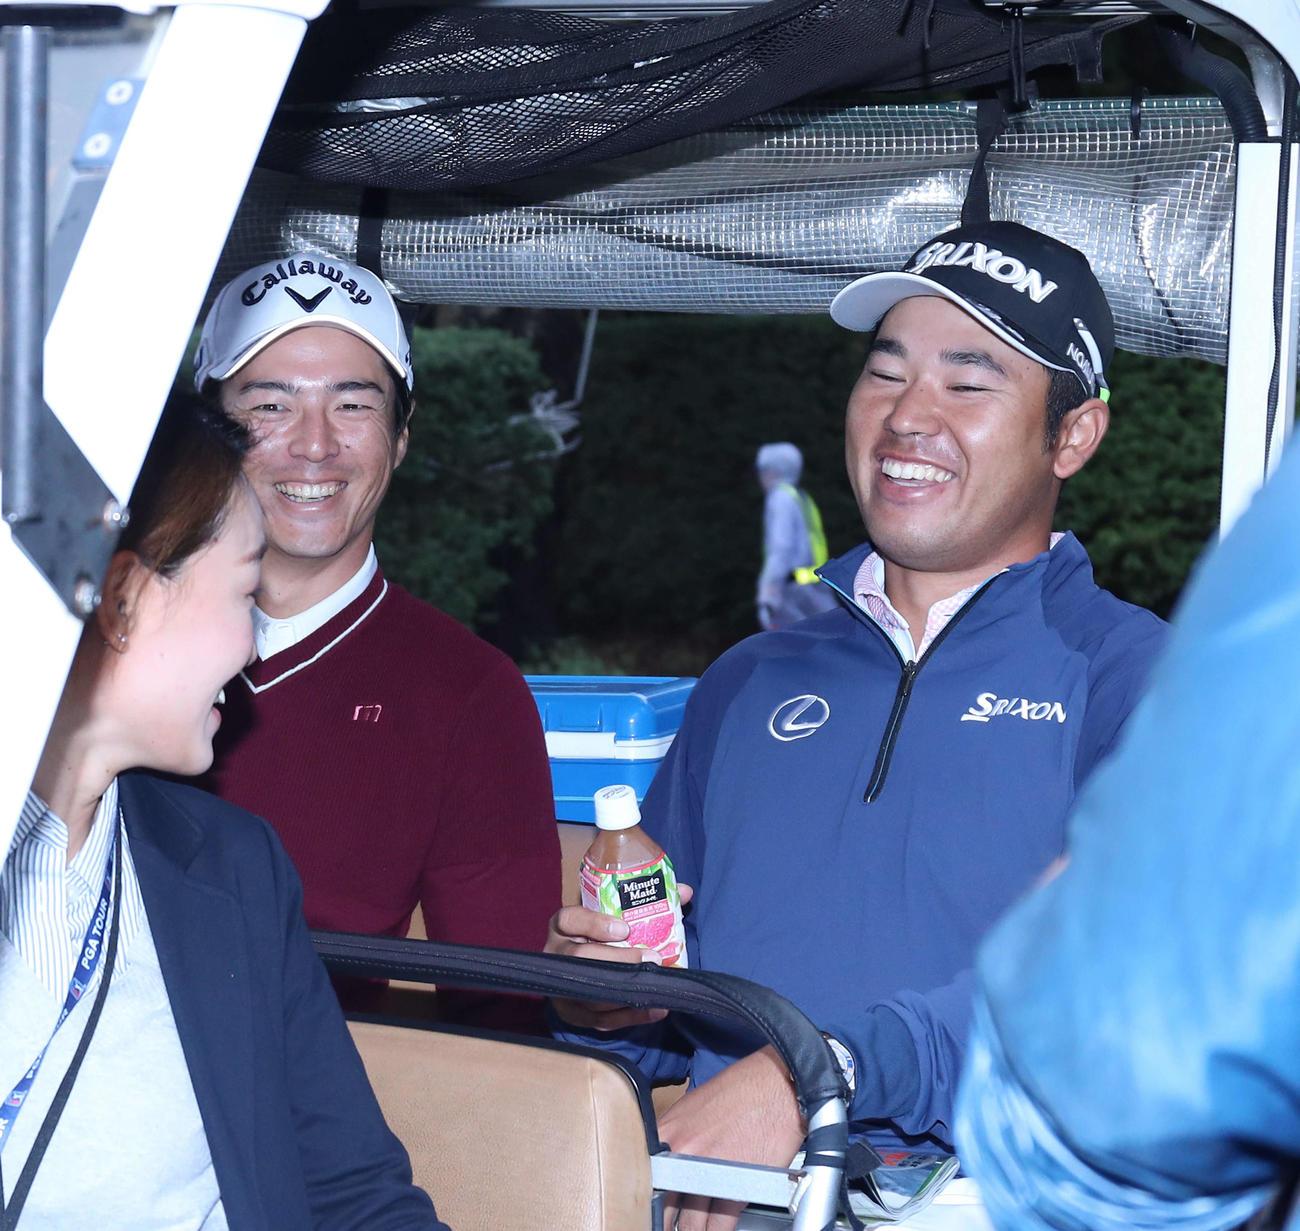 2019年のZOZOチャンピオンシップ練習日 クラブカーに一緒に乗り引き揚げる石川(左)と松山(2019年10月22日撮影)